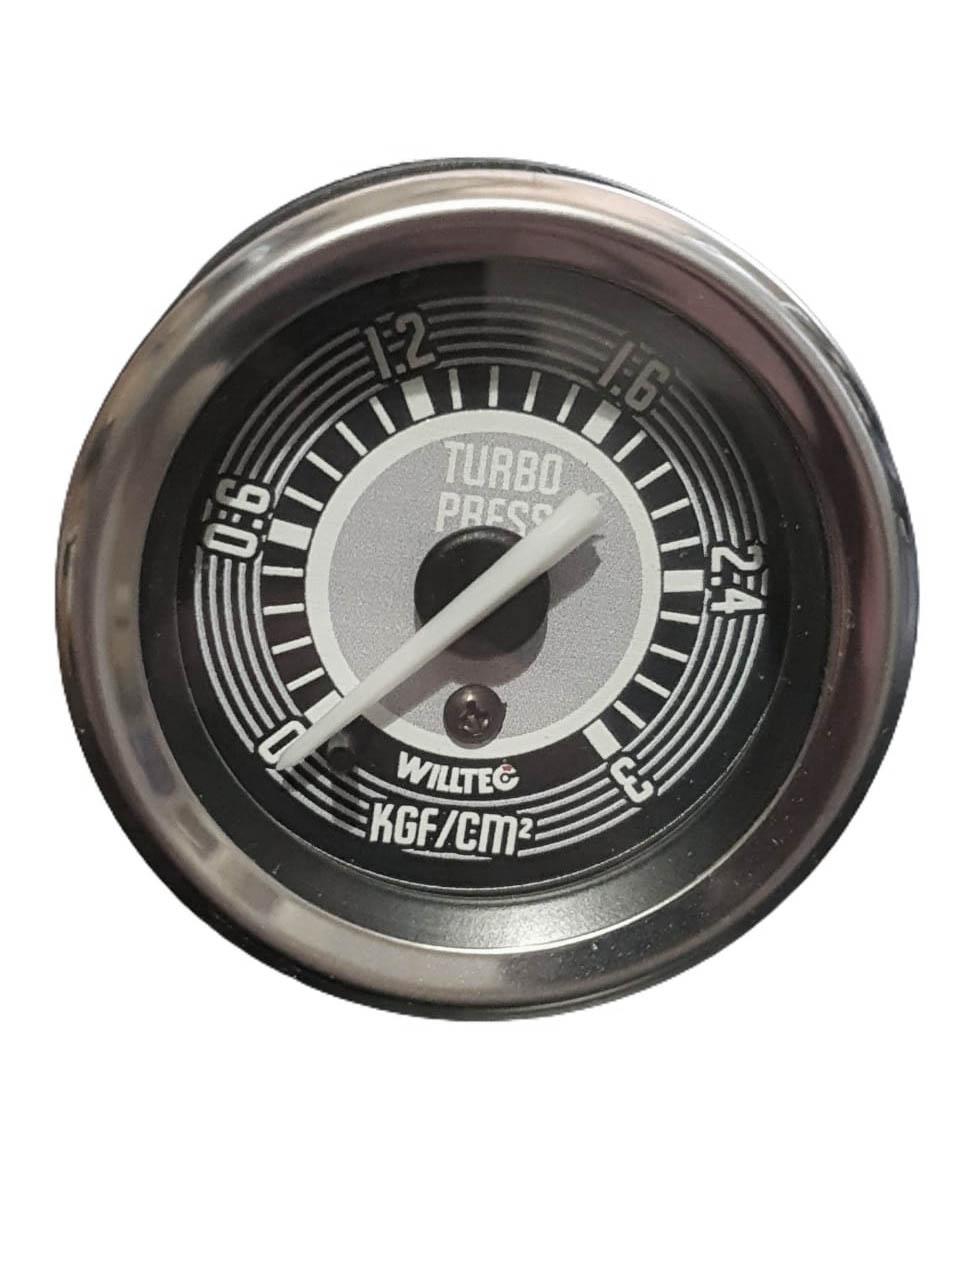 Manômetro Mecânico Pressão de Turbo 0-3kgf/cm² 52mm W04 632c  - SSR Peças & Acessórios ltda ME.